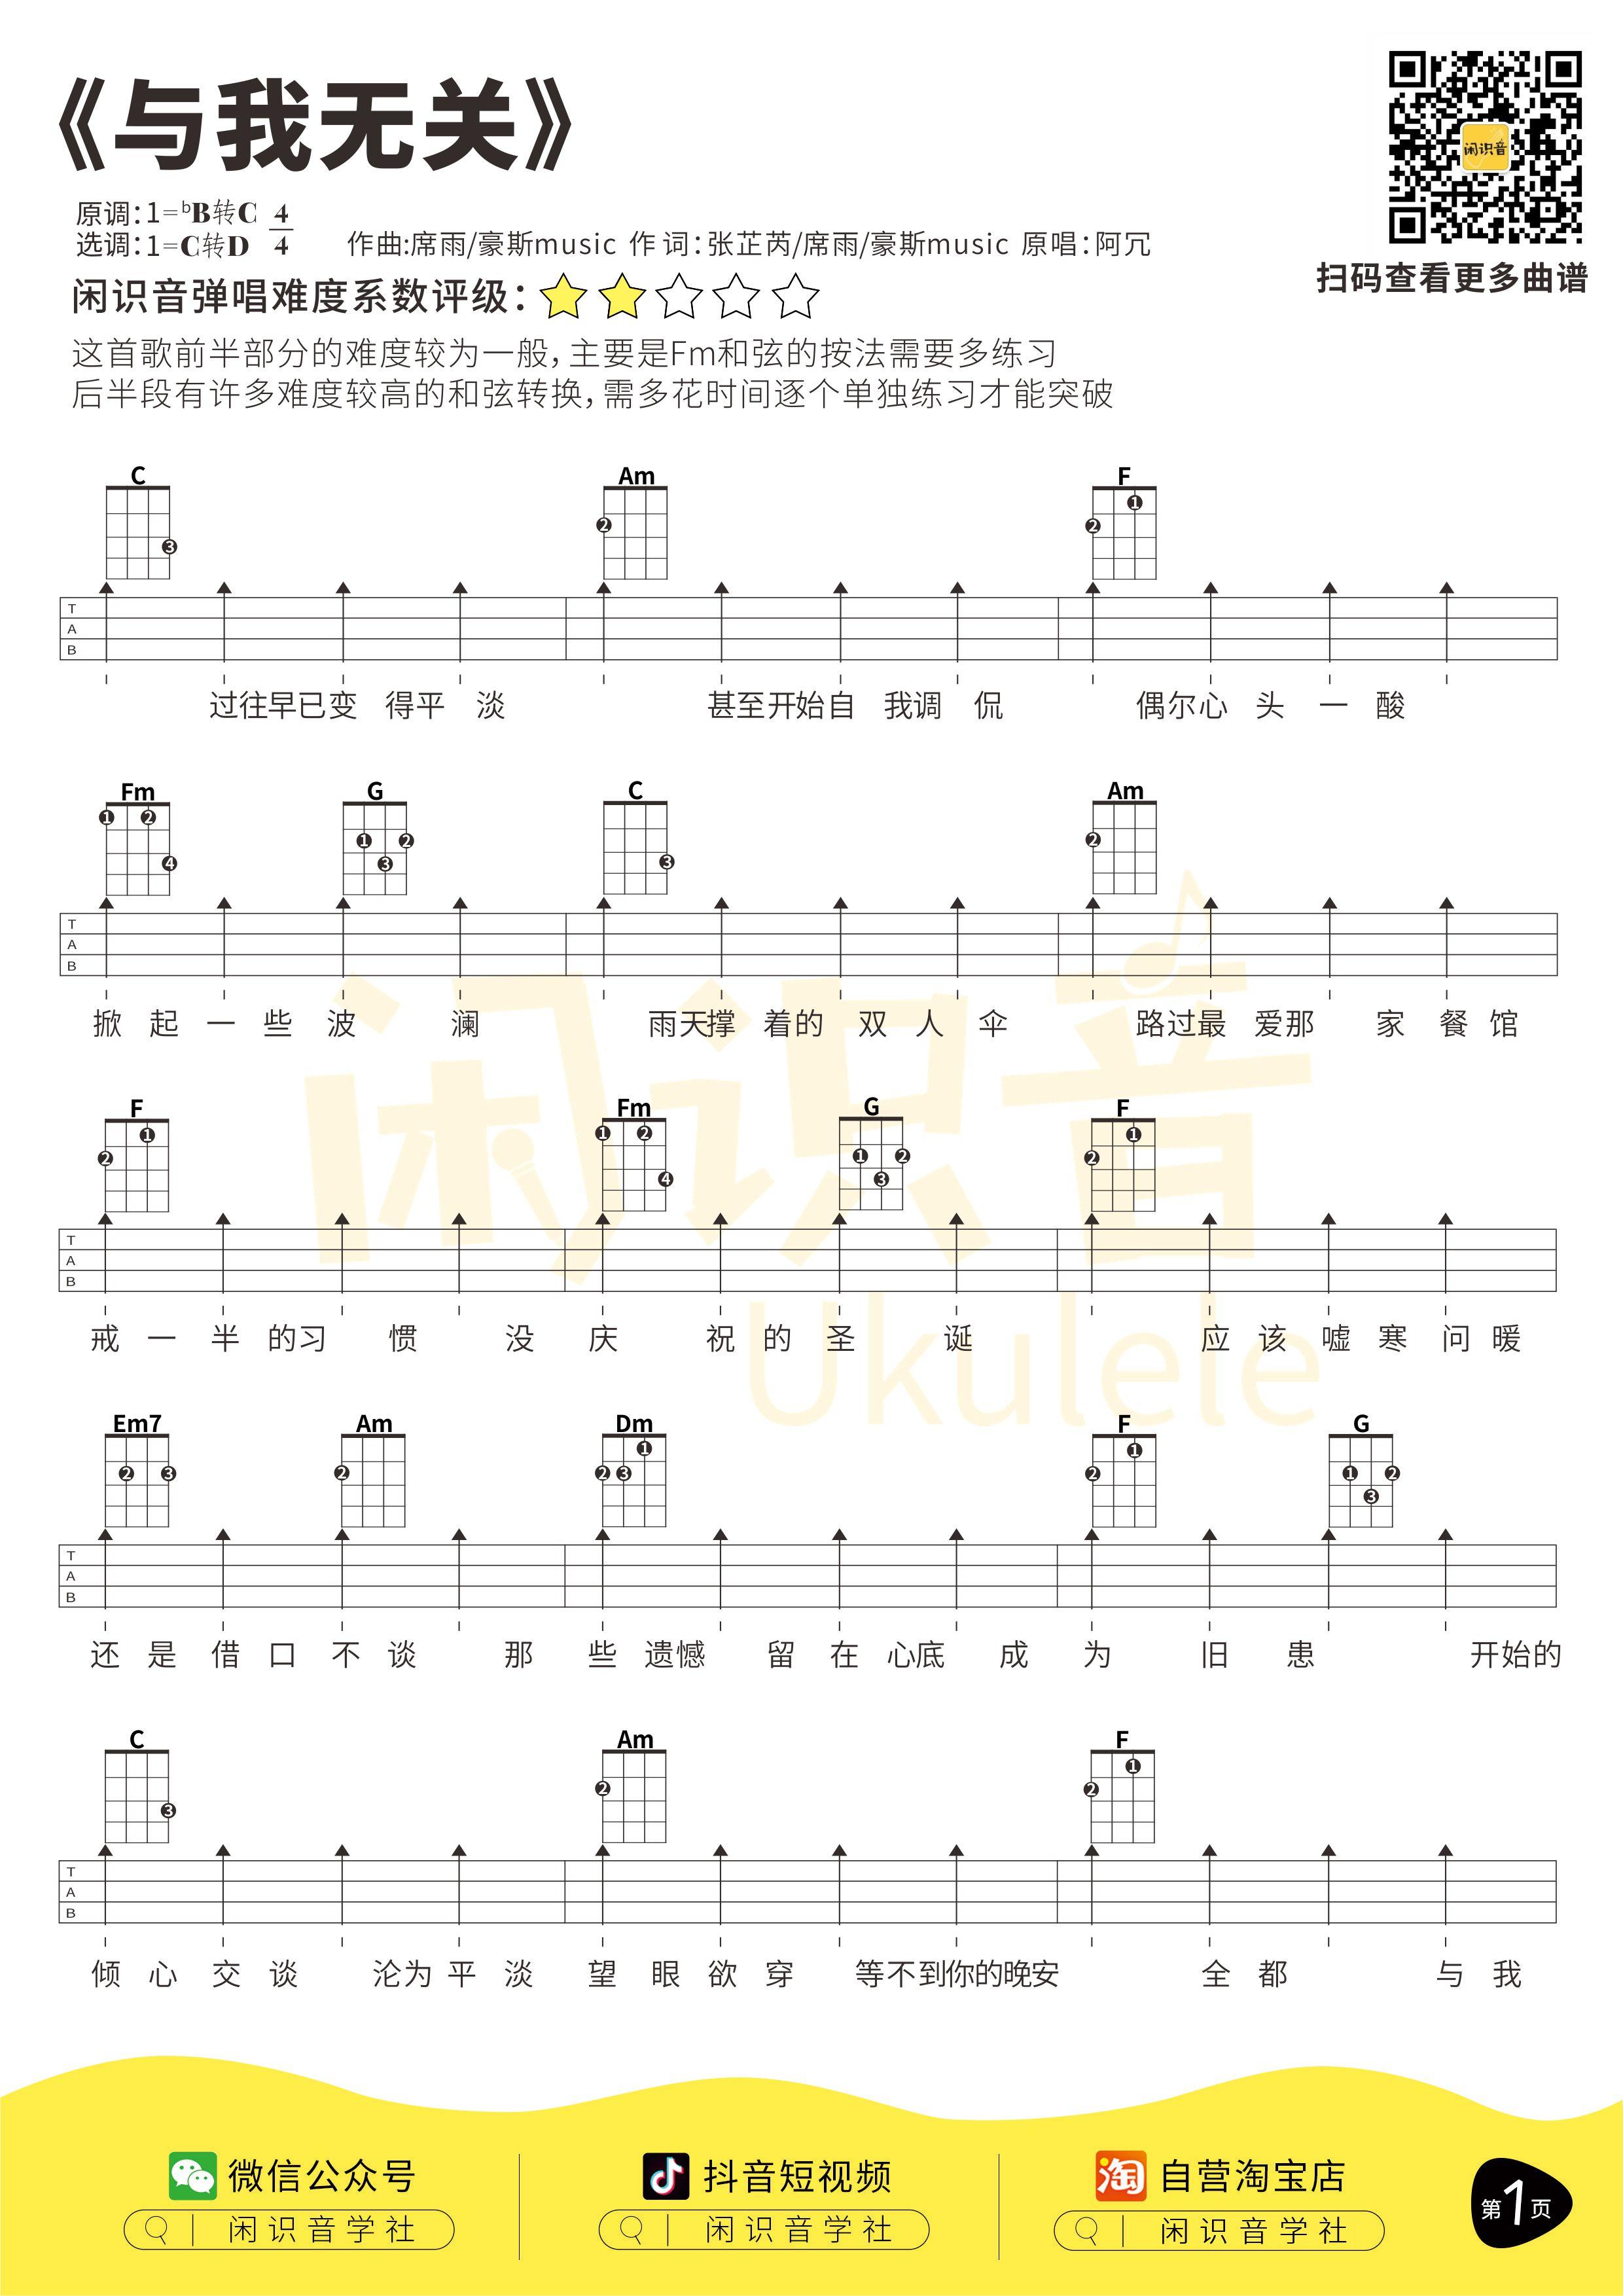 闲识音学社《与我无关》尤克里里谱-4